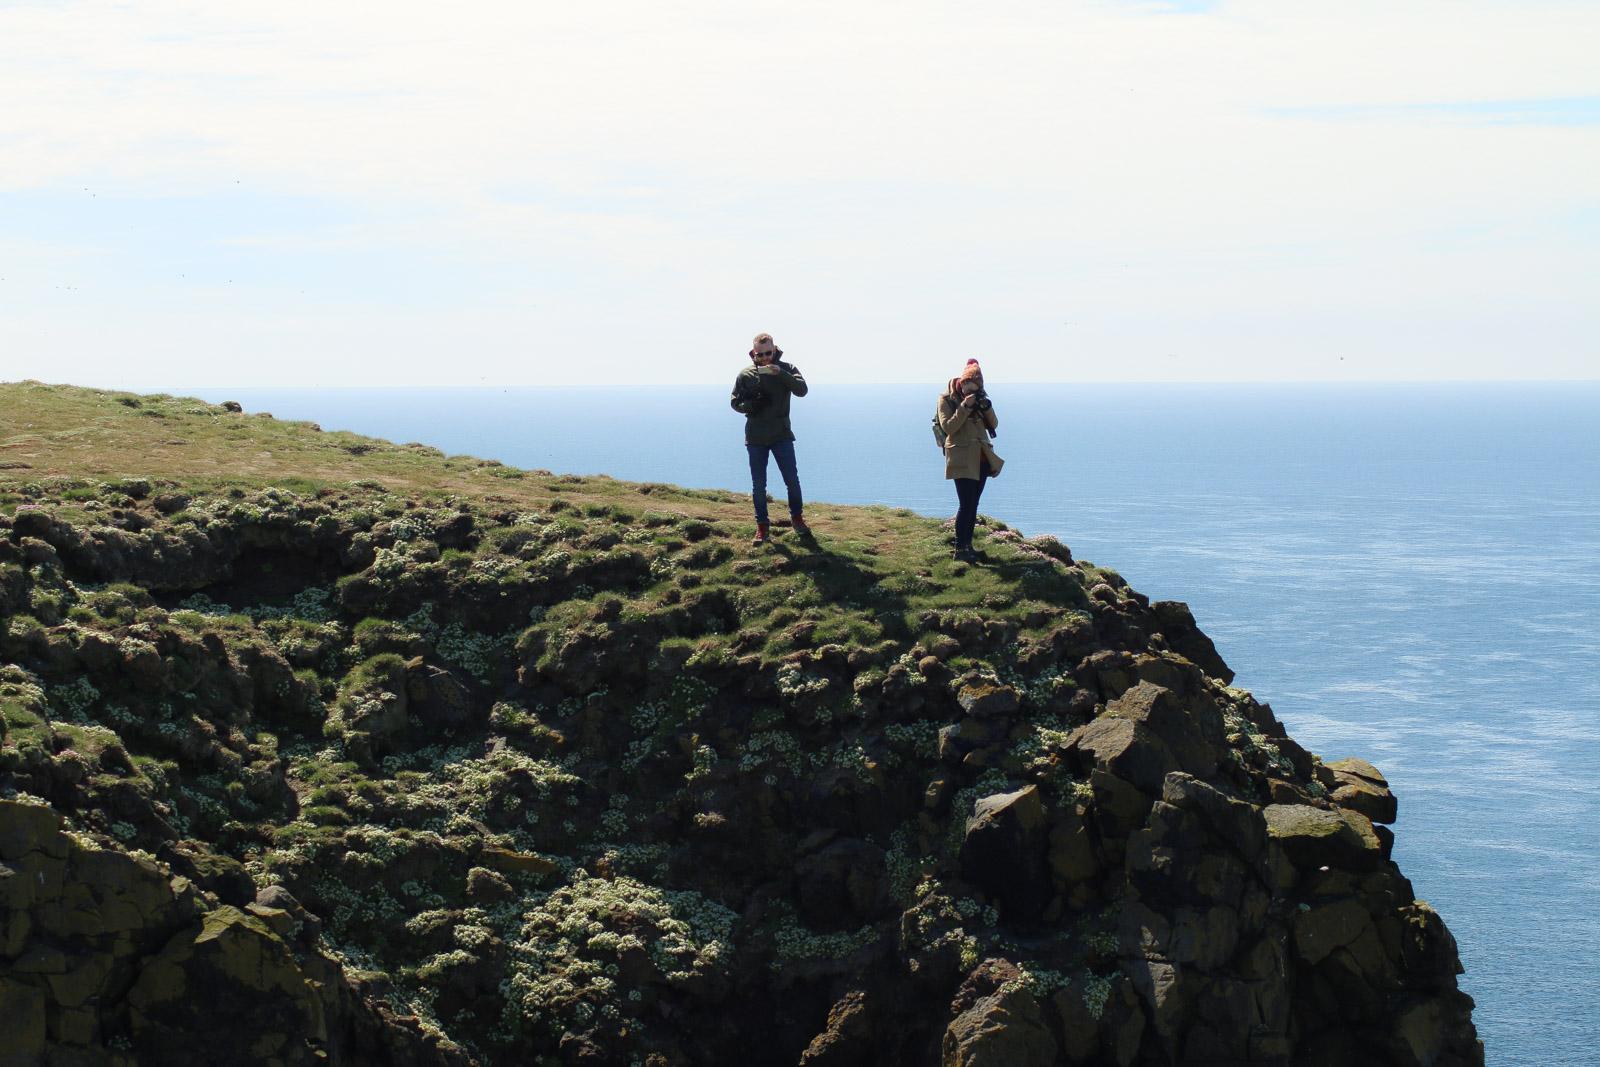 An den Klippen mit Papageientauchern in Island, sollte man extrem vorsichtig sein. Die Vögel graben ihre Höhlen auch unter den Rand. Es sind schon Touristen abgestürzt und ums Leben gekommen.